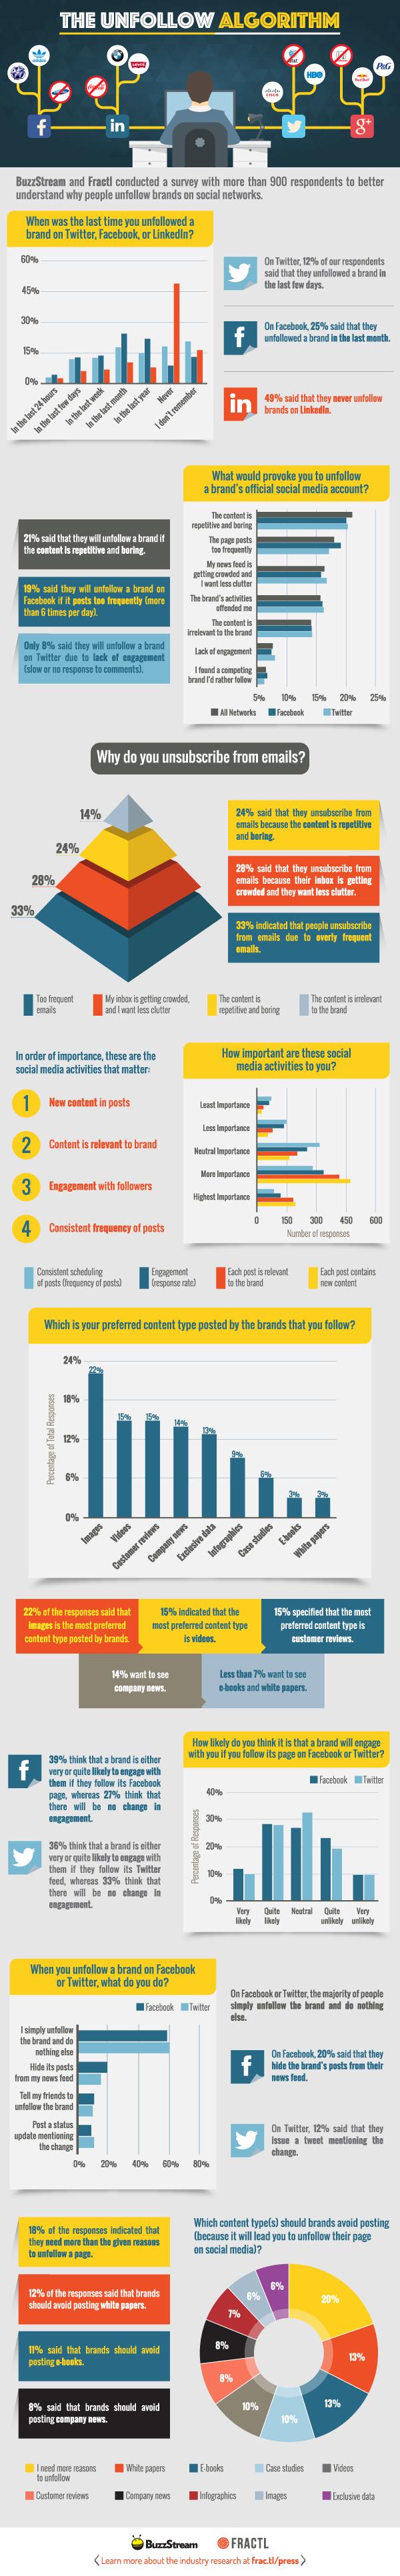 De redenen waarom mensen bedrijven op Facebook, LinkedIn en Twitter ontvolgen